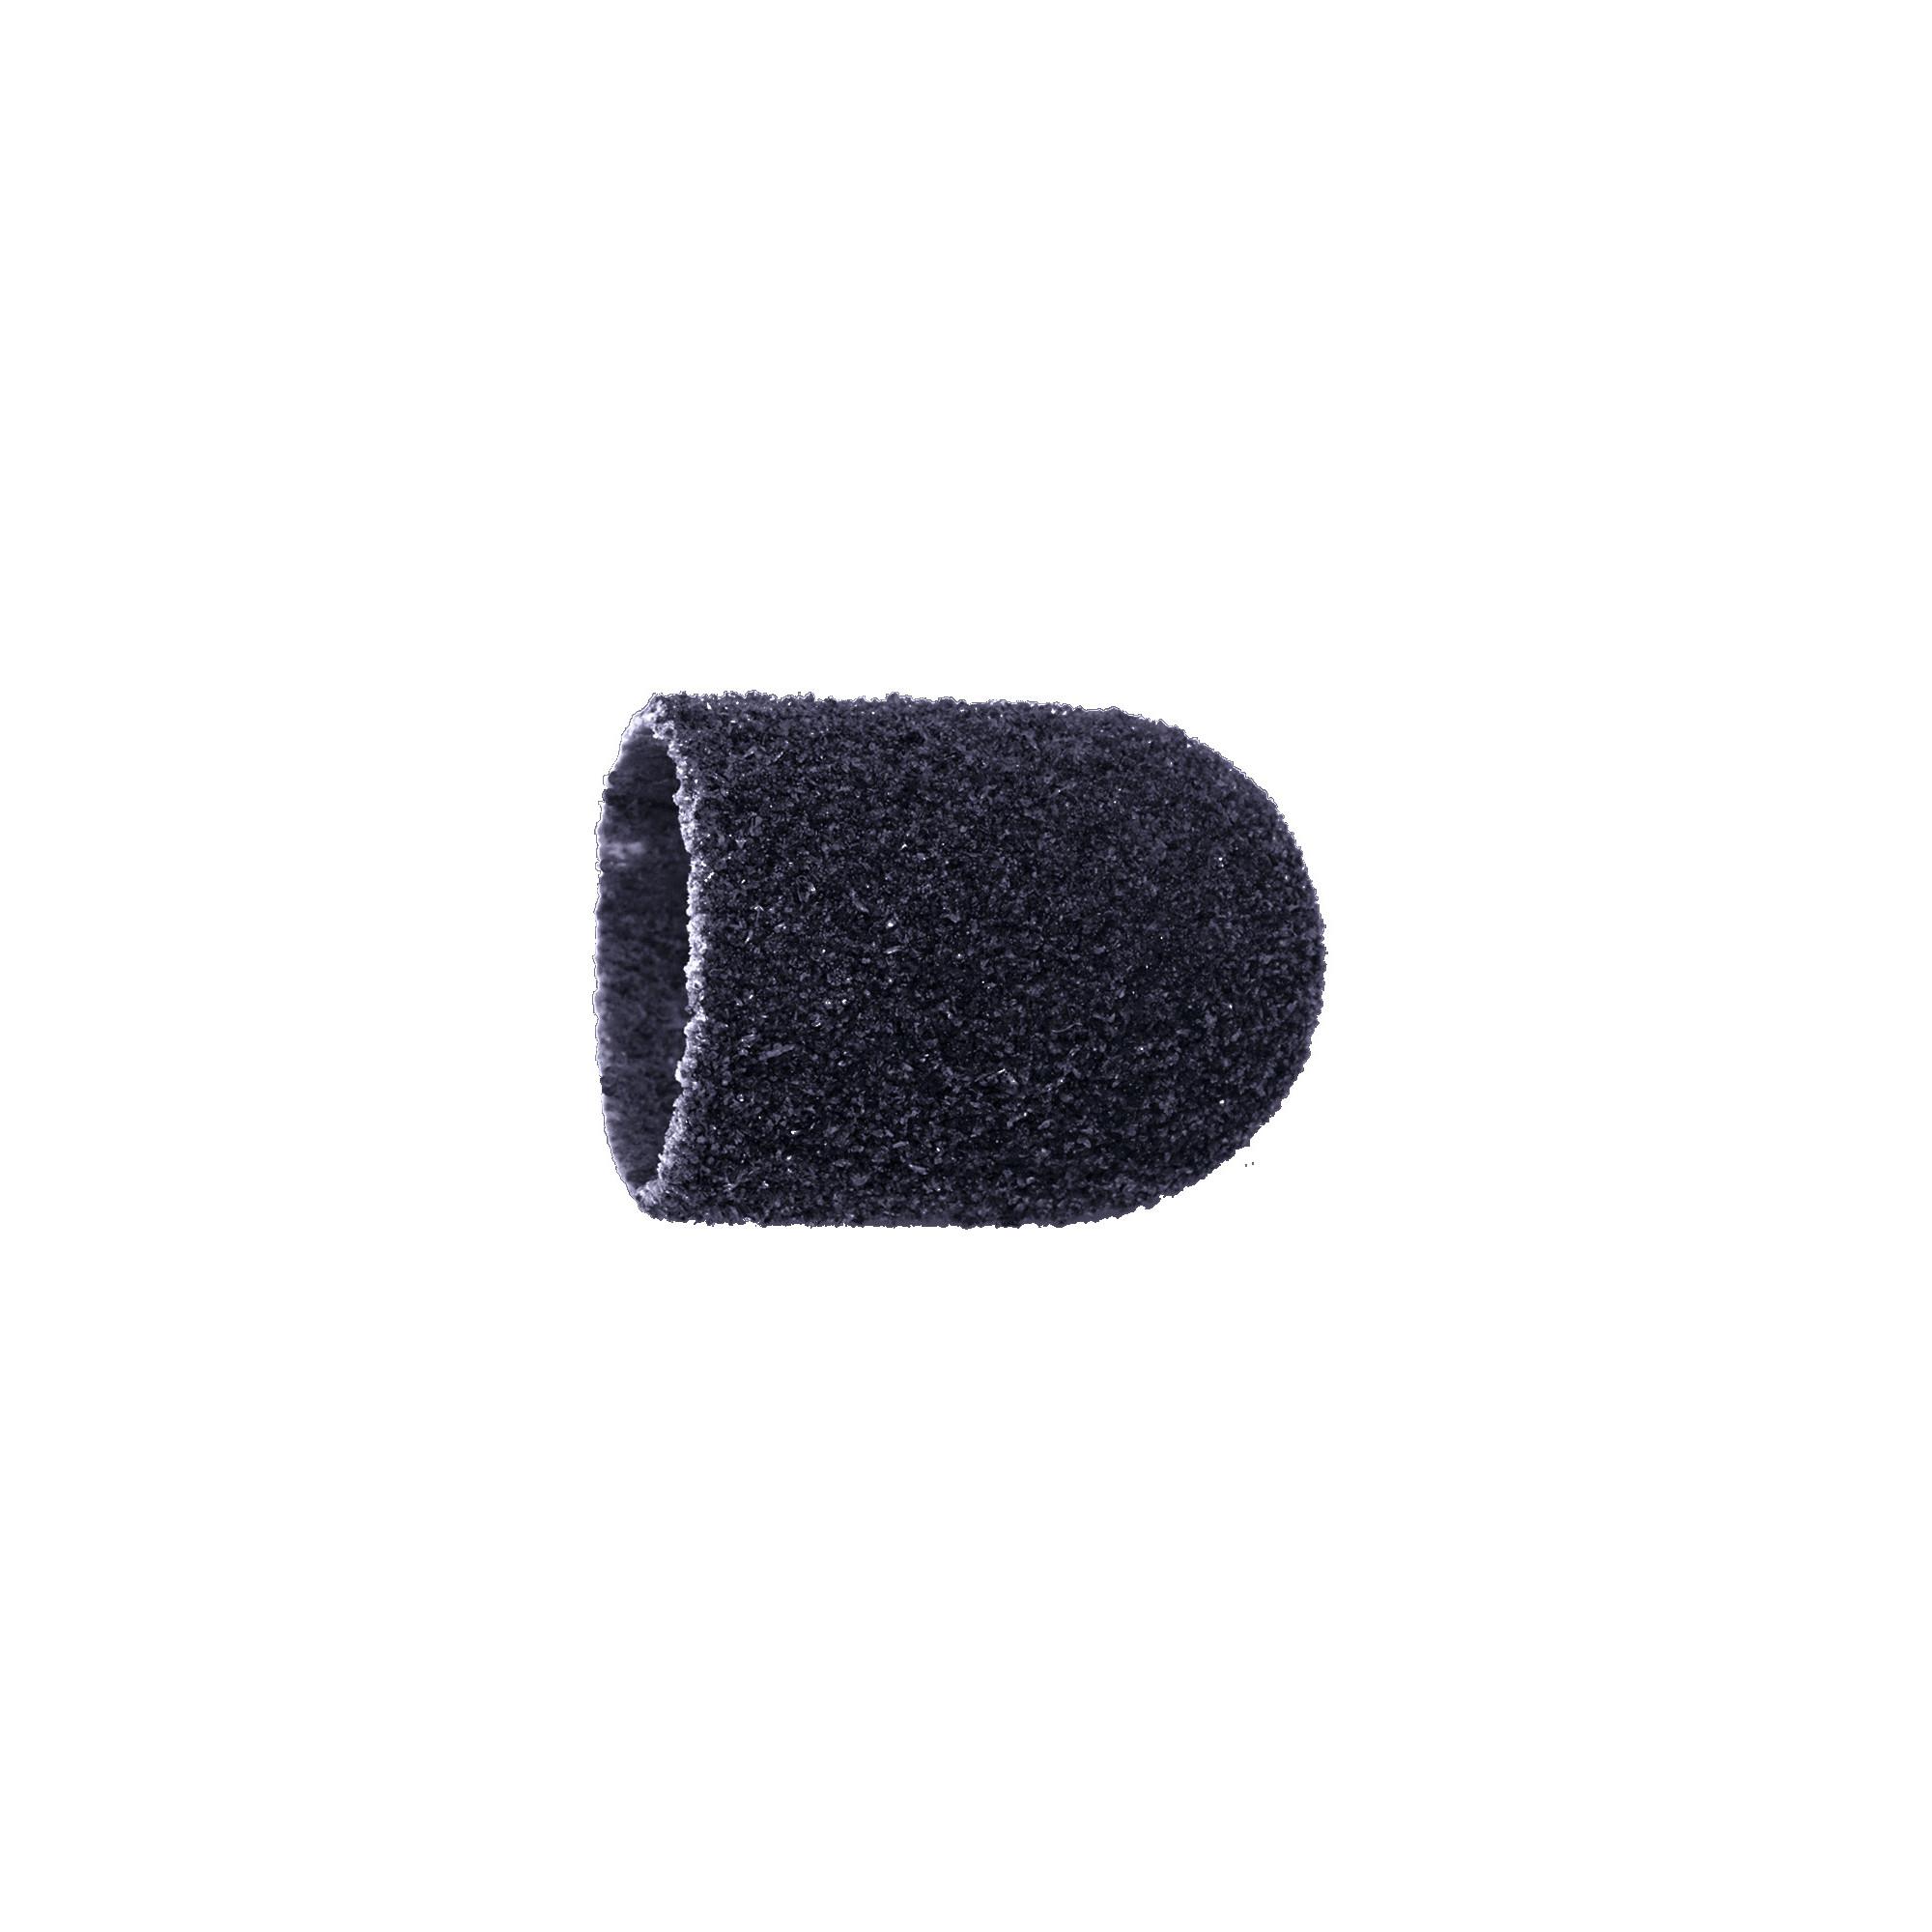 Capuchons abrasifs x10 0503 - Diamant - Grain gros - Abrasion des cors, durillons et hyperkératoses - 13 mm